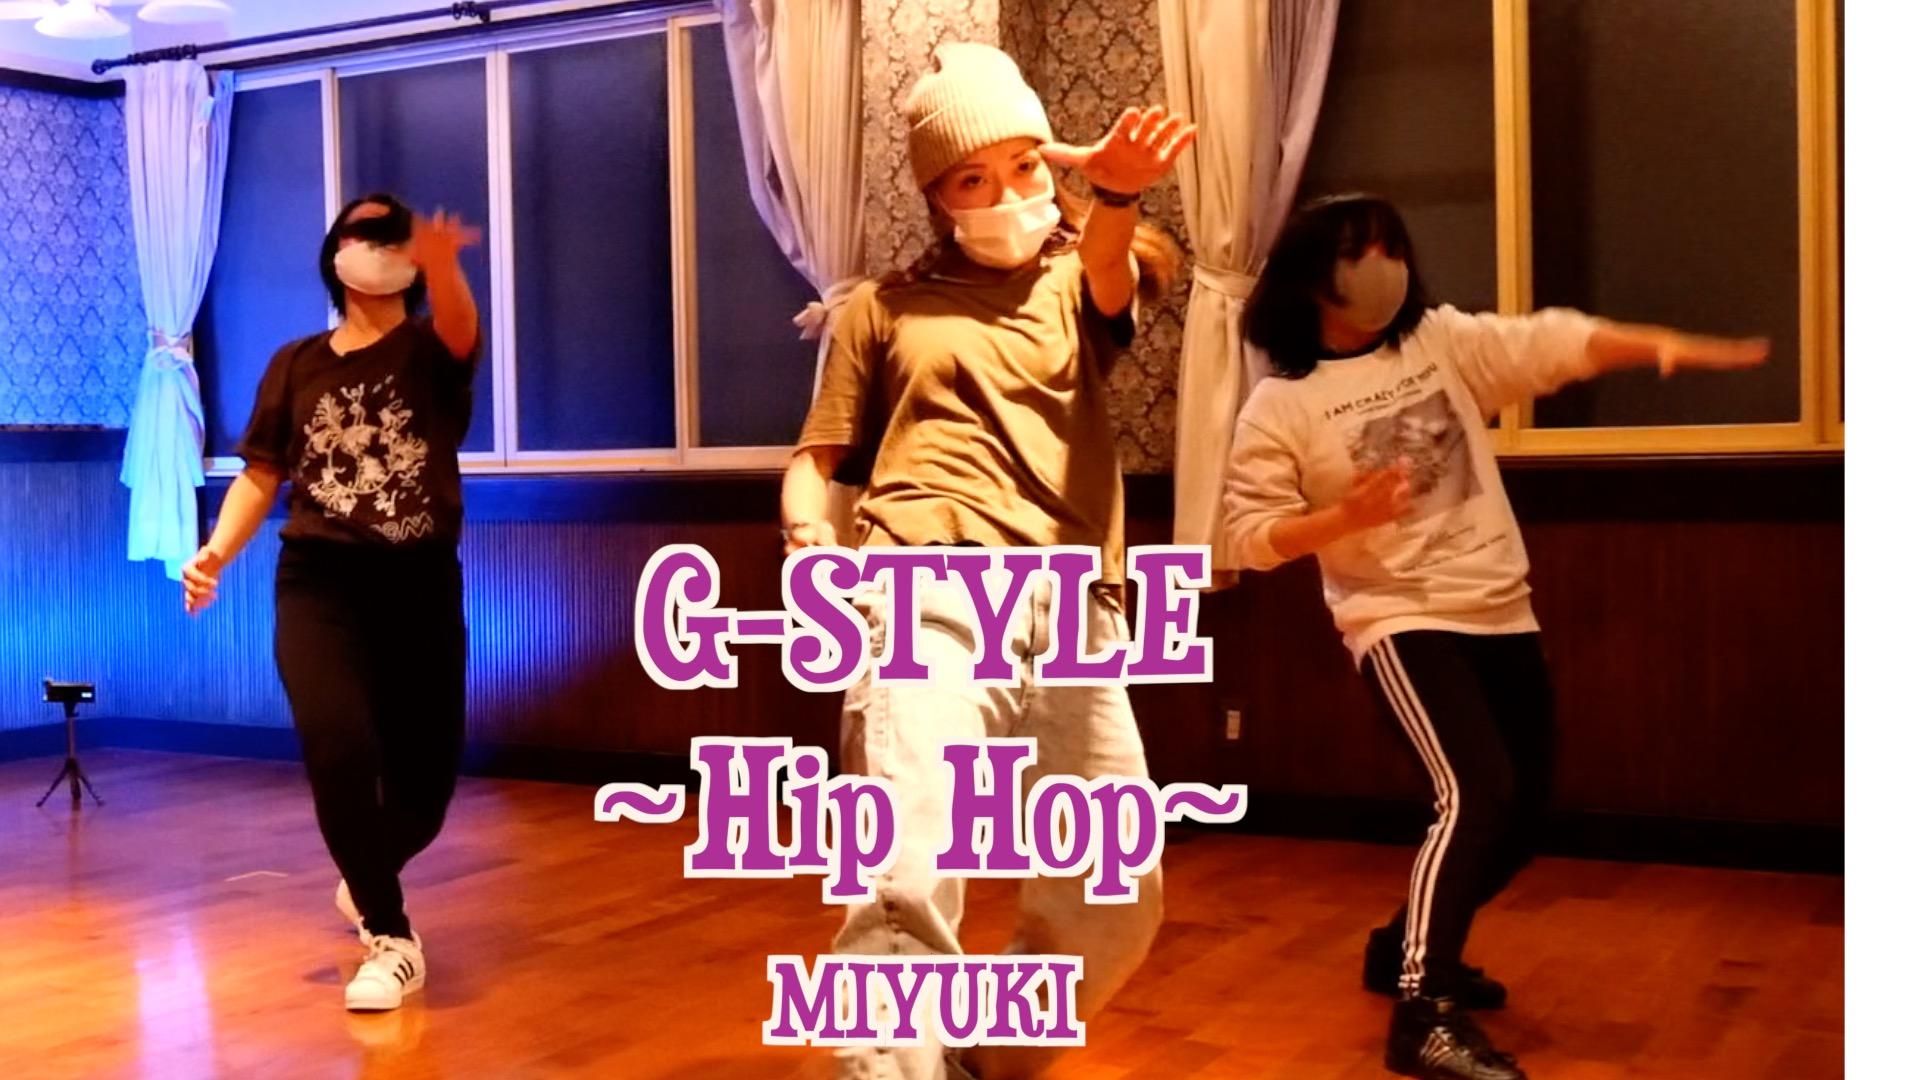 ガールズスタイルヒップホップ【G-STYLE~HipHop】